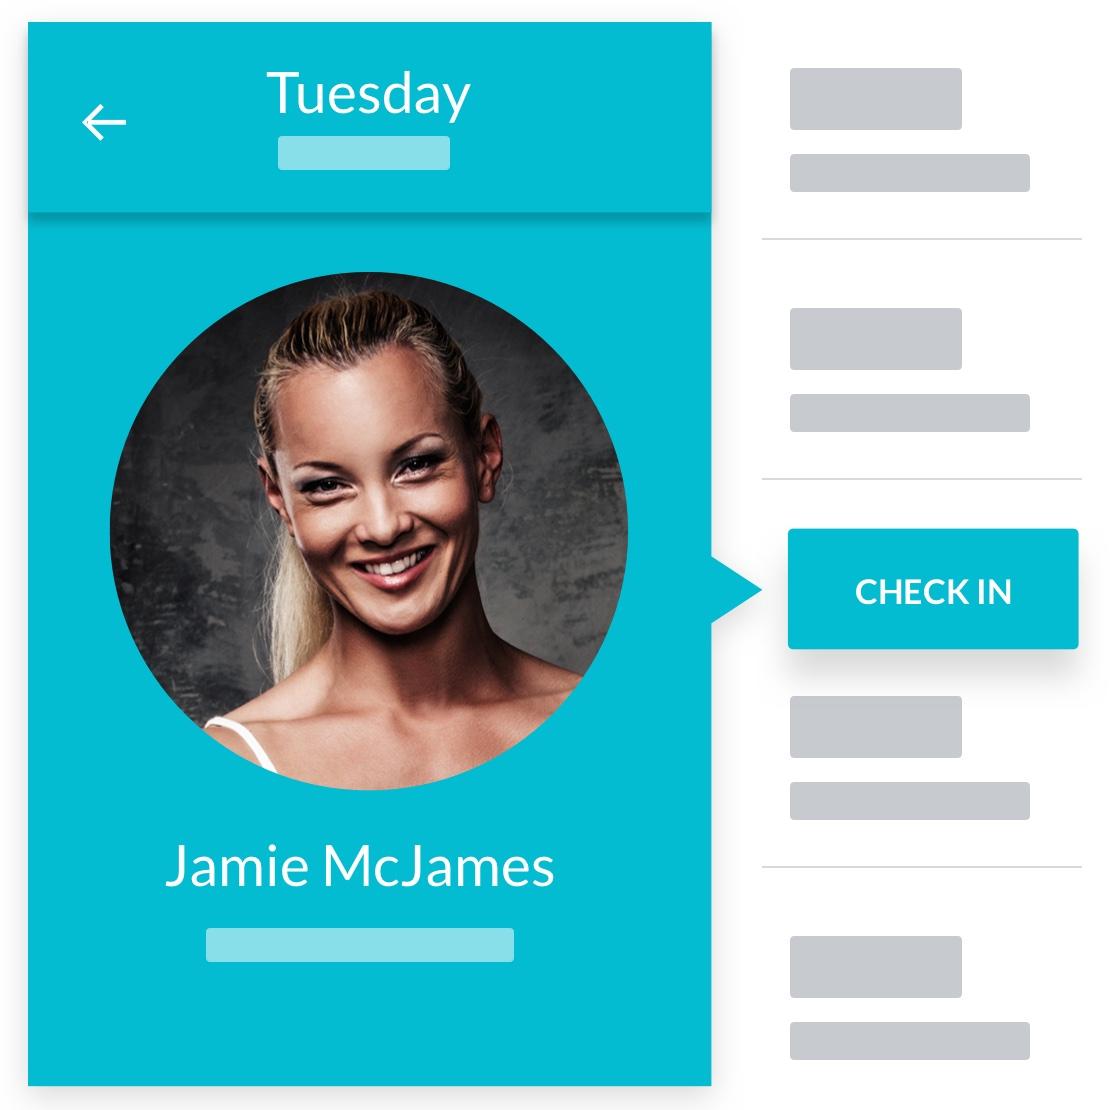 hiit studio software - run your studio better - custom member app